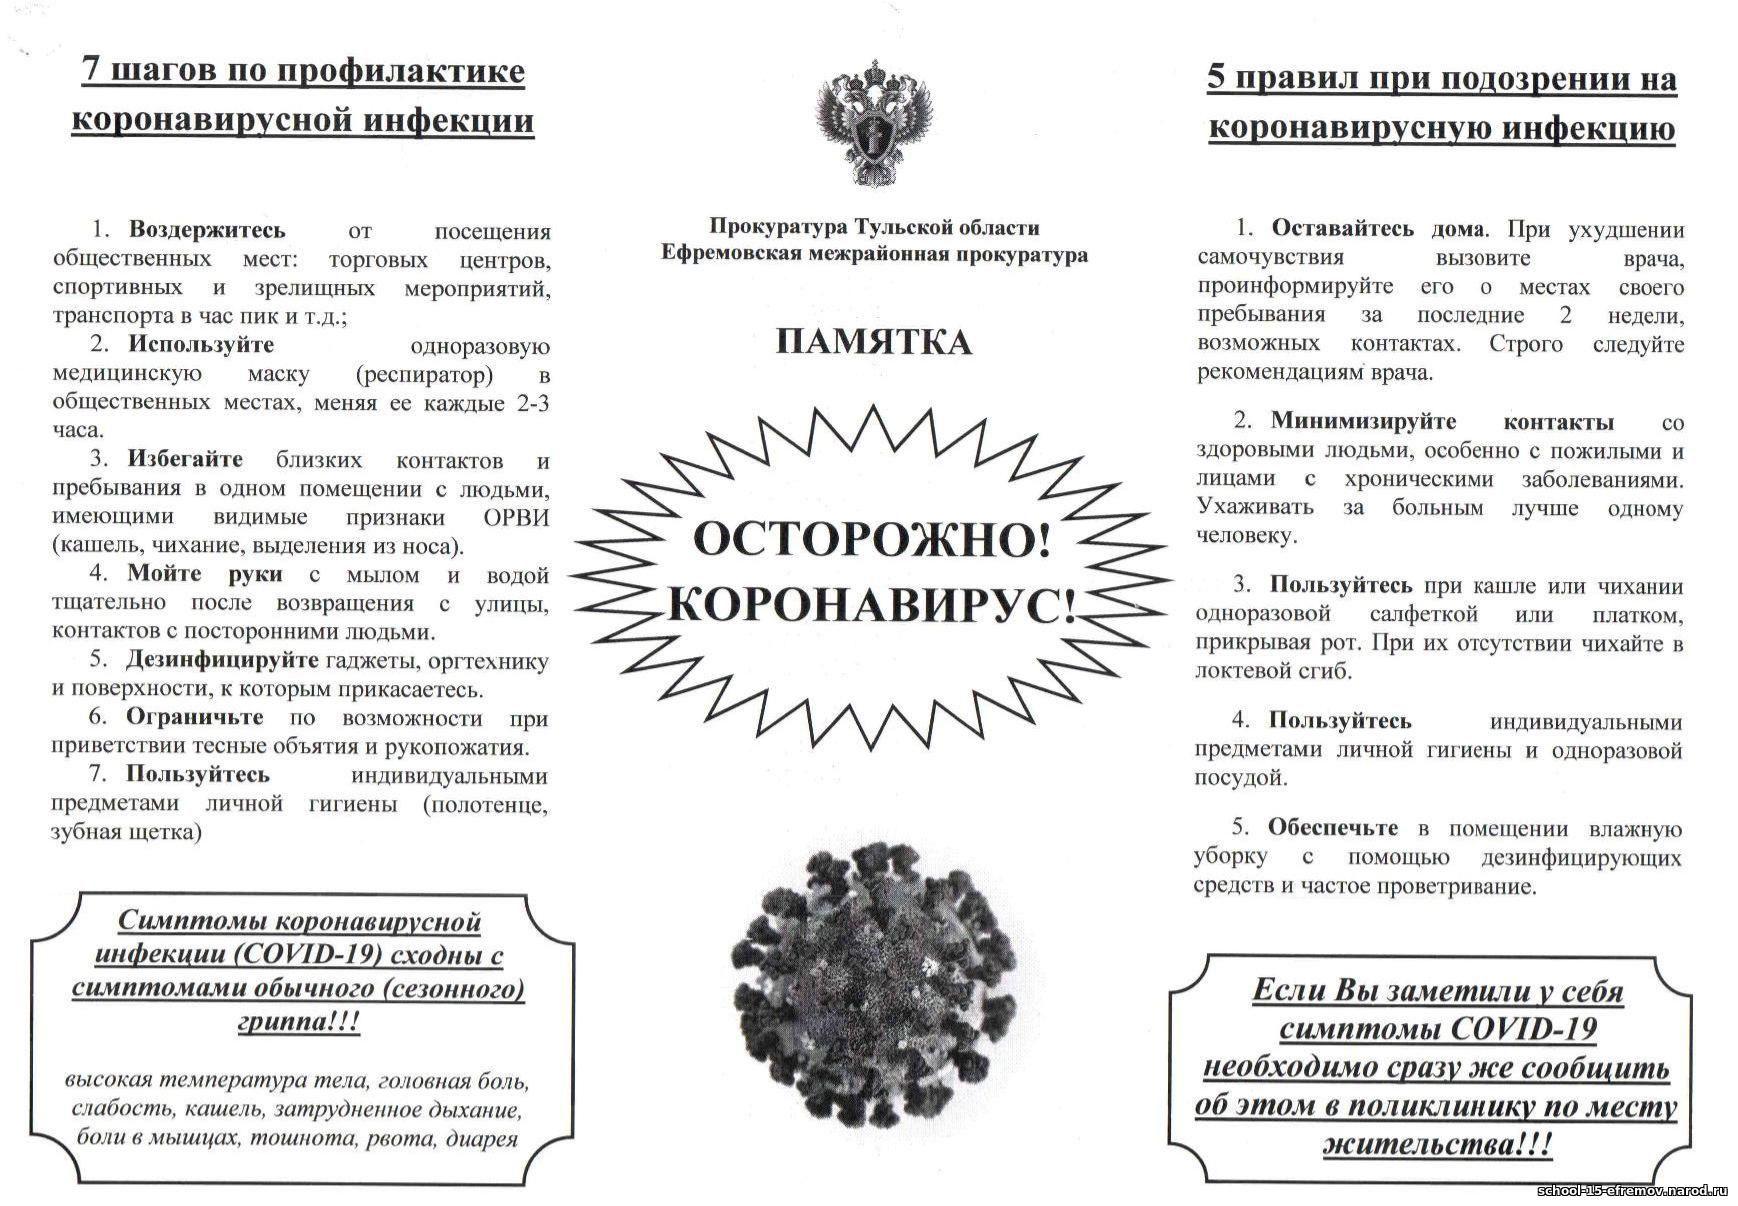 http://school-15-efremov.narod.ru/2019/pic/20200513_203424.jpg